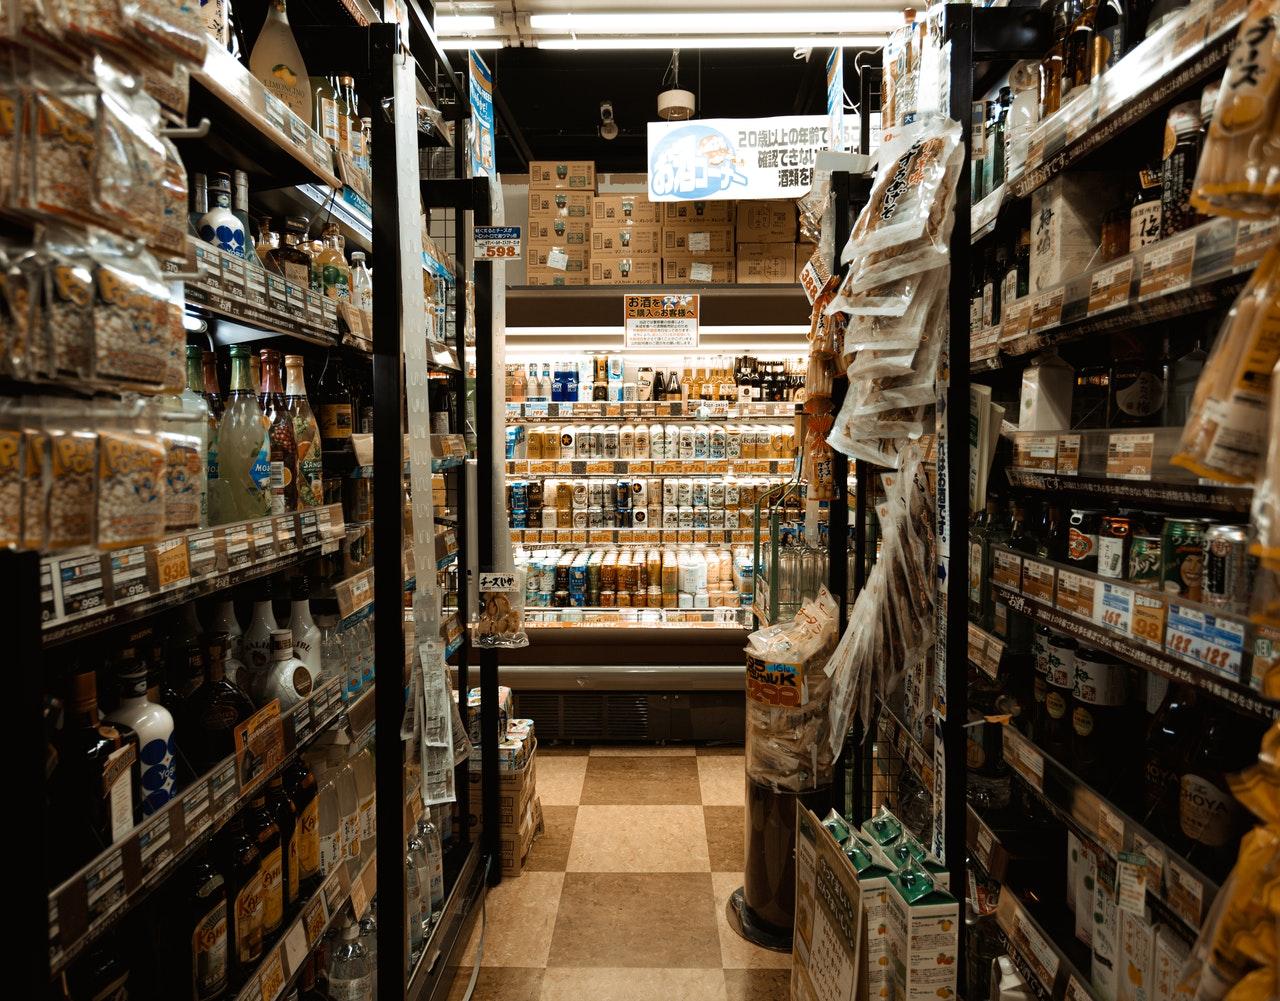 En Maryland, inyectó semen a una mujer en supermercado